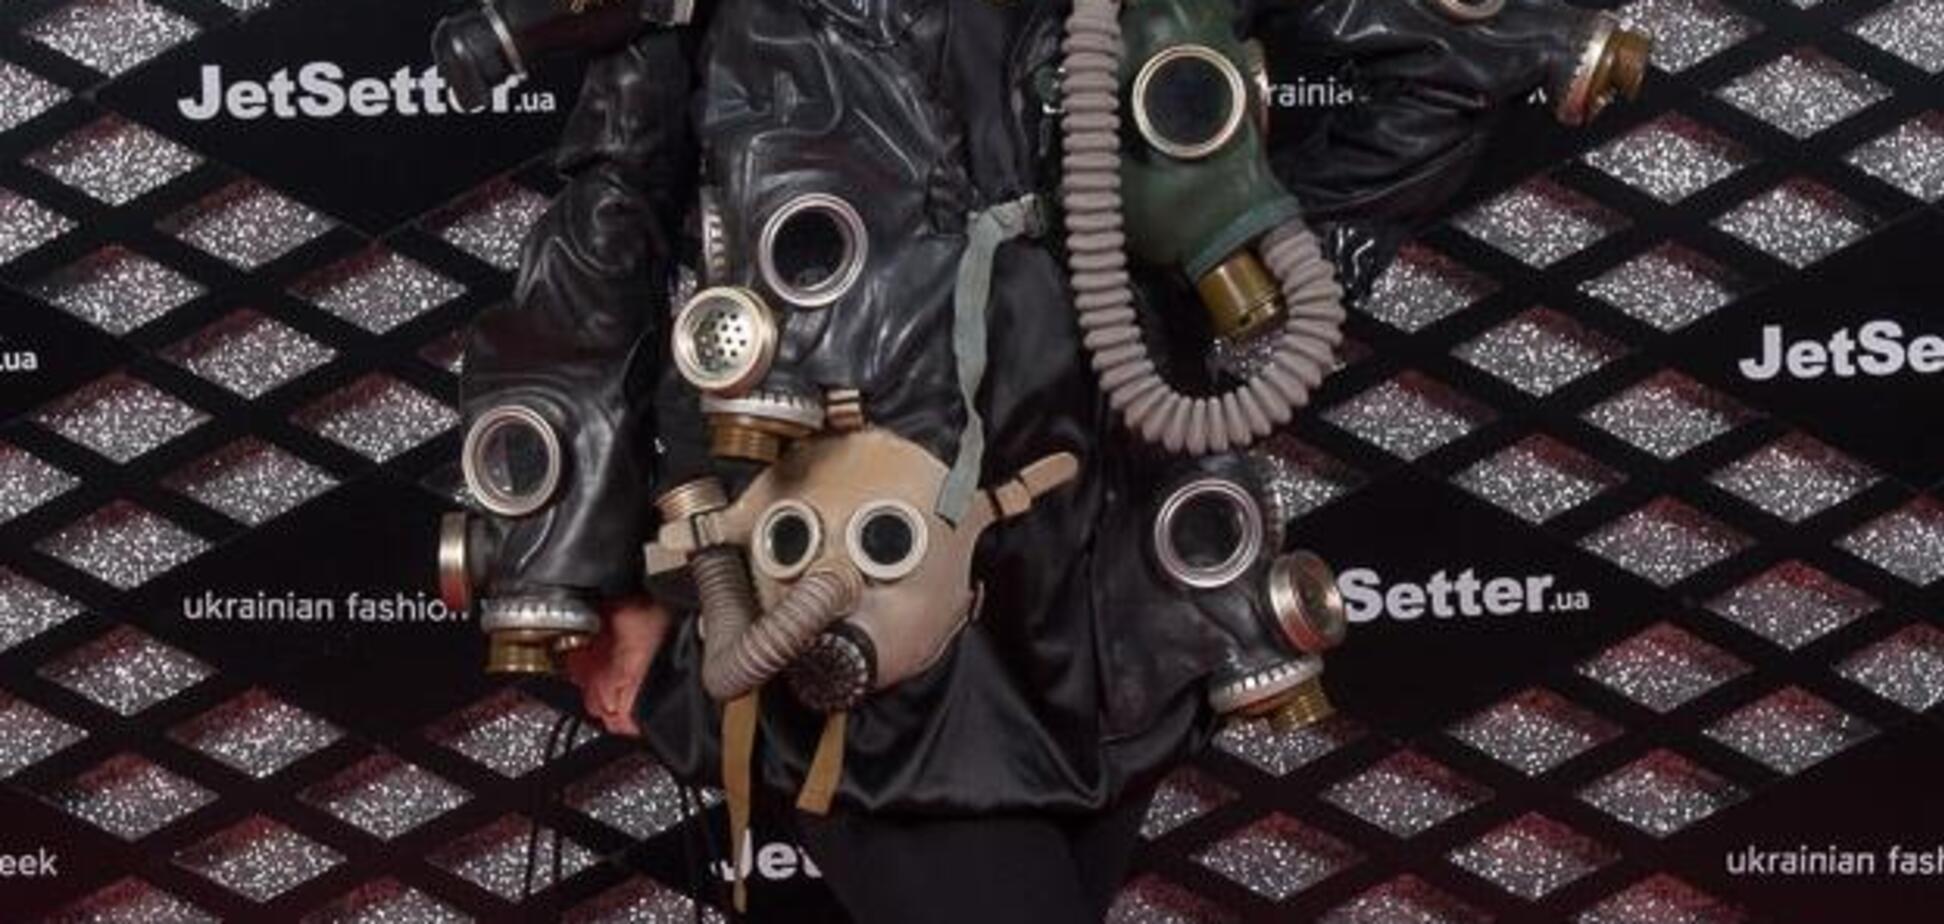 Неоновые демоны, будуар-стайл и топ-поп: в сети высмеяли модников Ukrainian Fashion Week